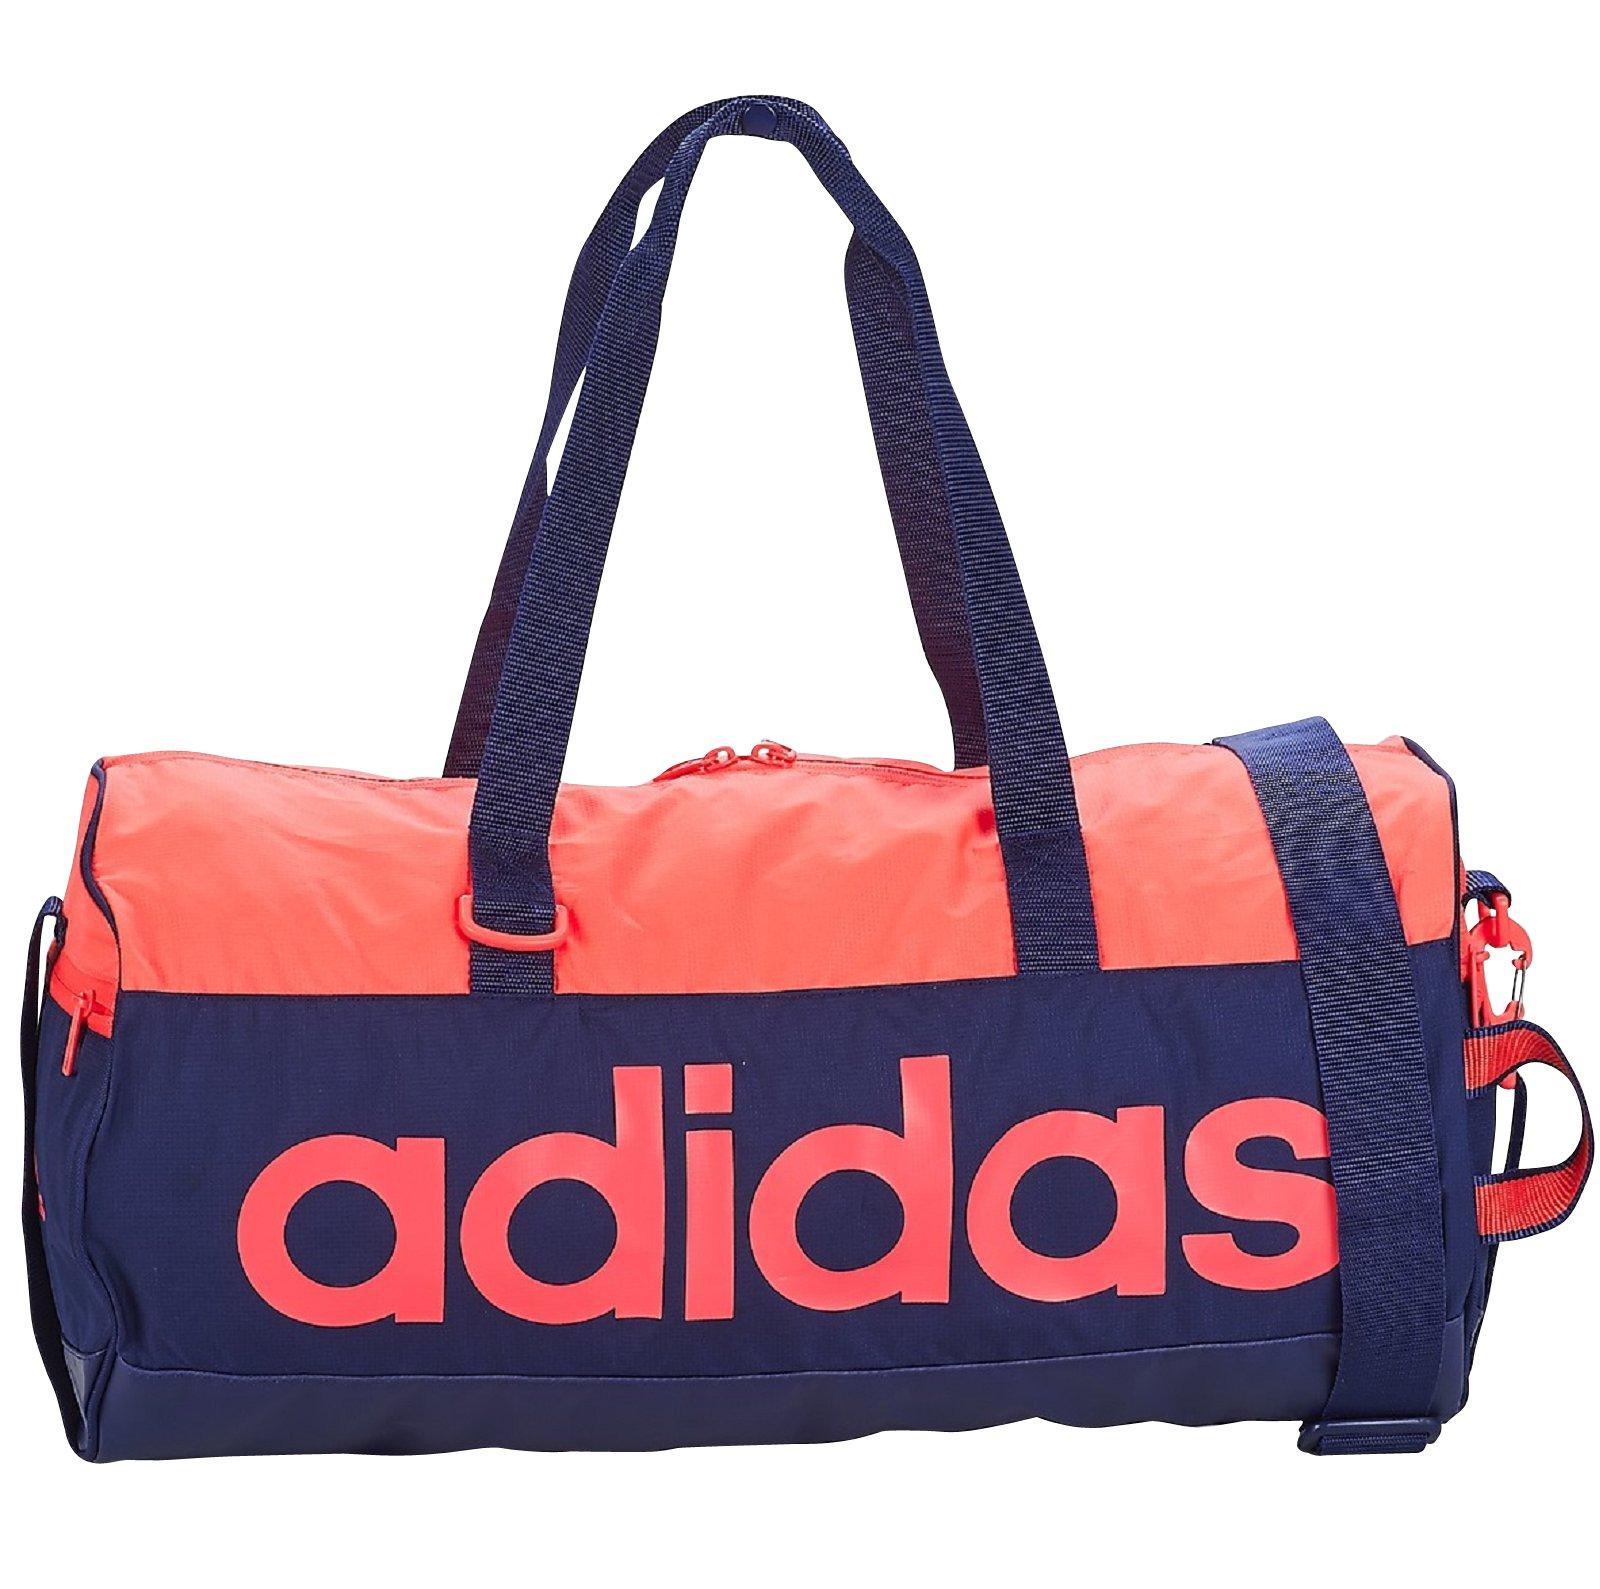 Cher Pas Sport France En Ligne Vente Sac De Adidas 54qRj3LcA